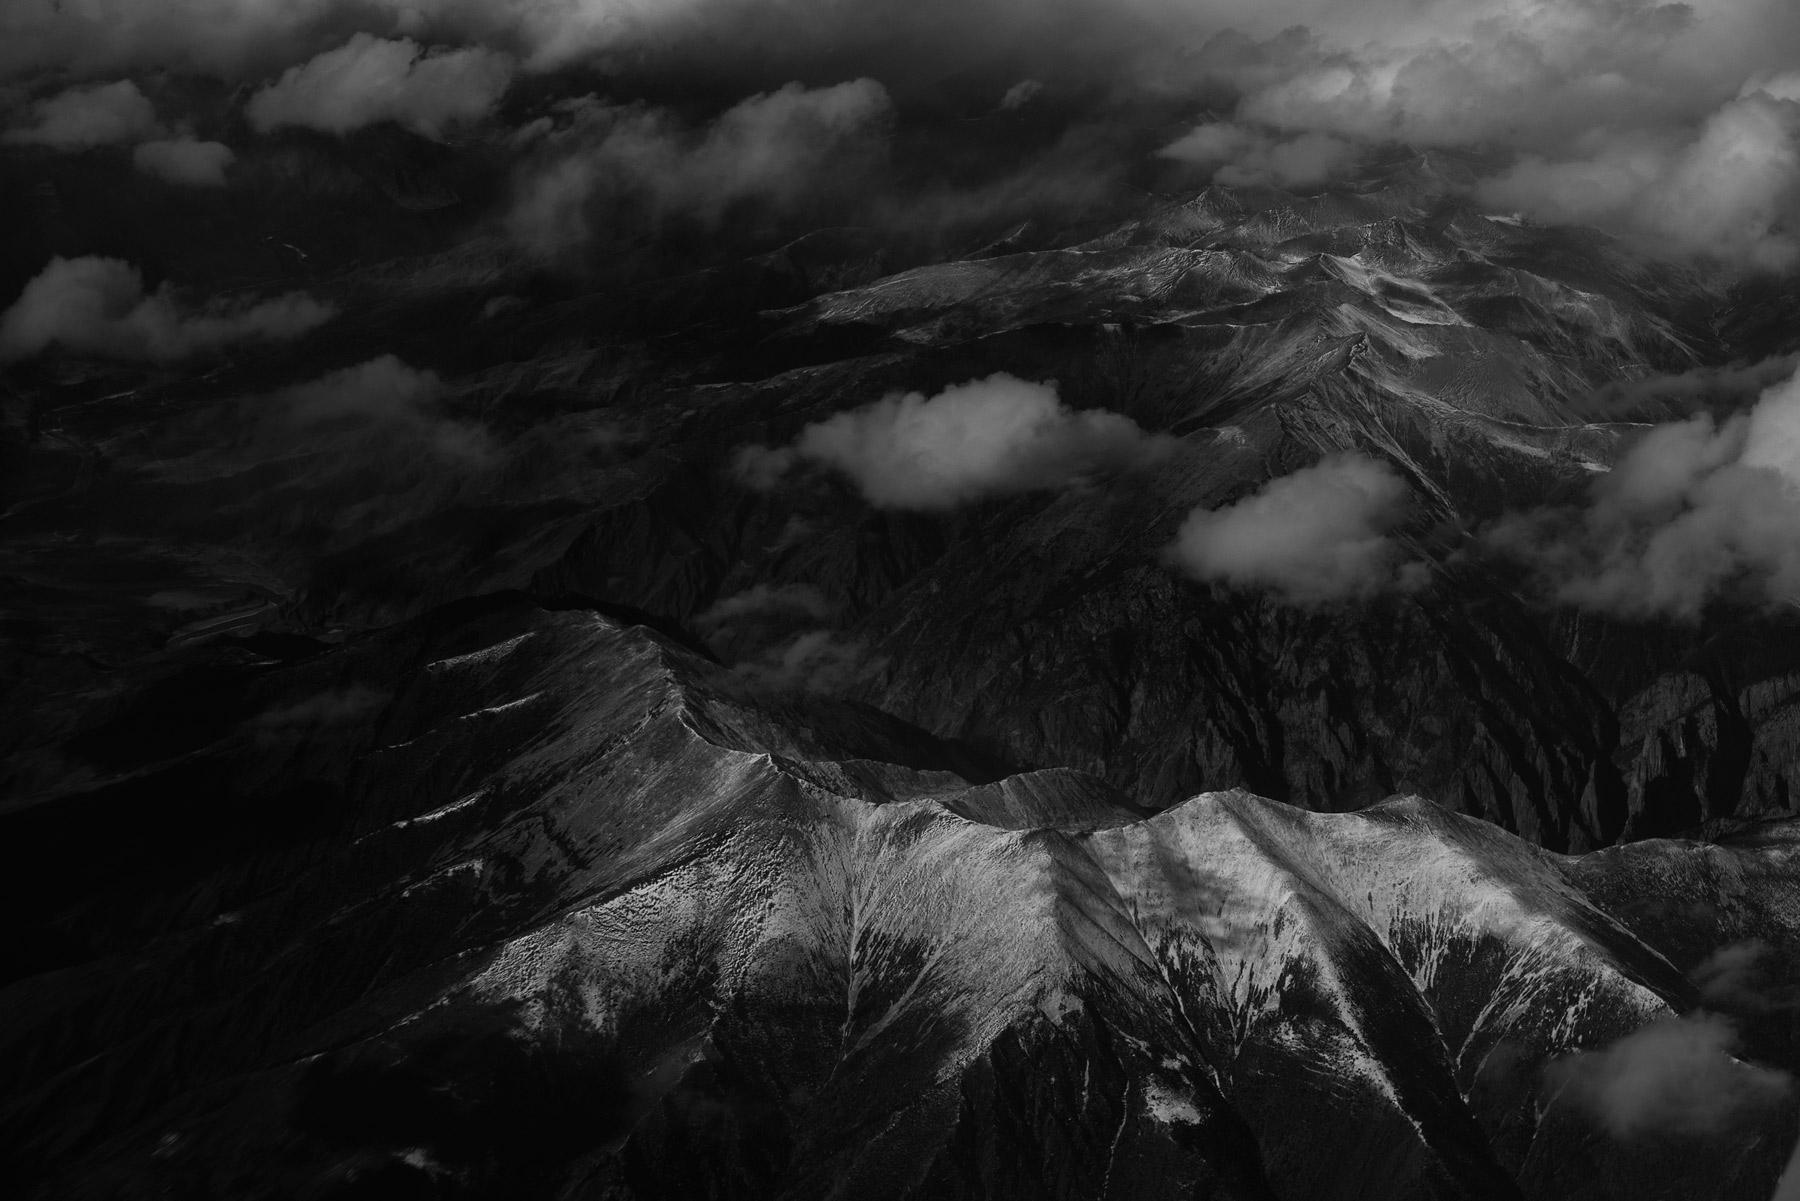 tibet-himalayas-snow-mountain.jpg